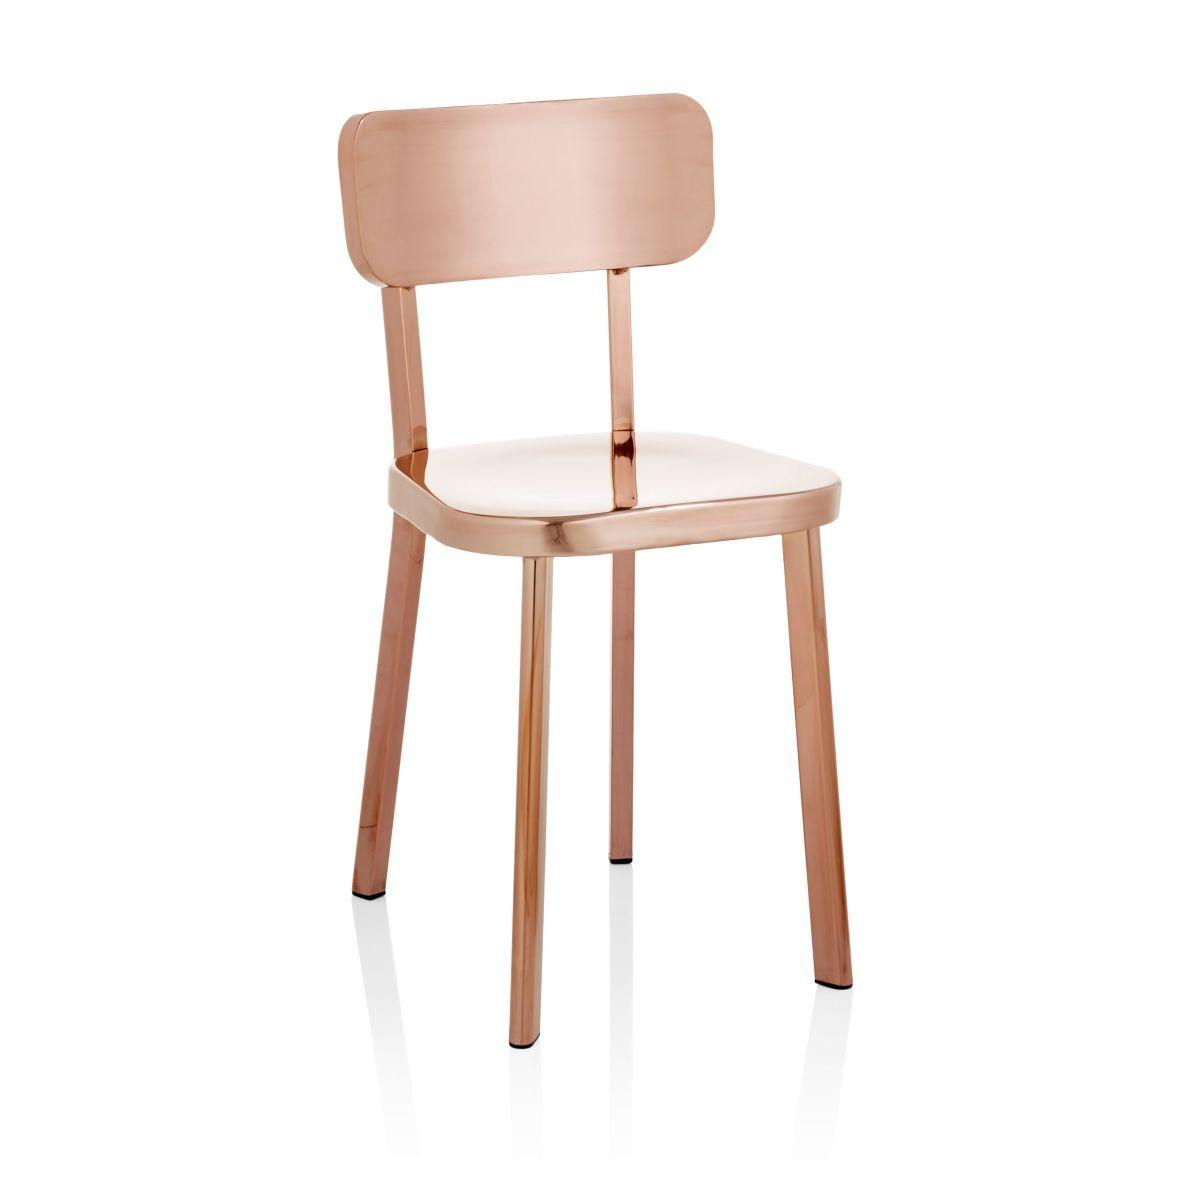 stuhl industrial look metall st hle sitzm bel. Black Bedroom Furniture Sets. Home Design Ideas